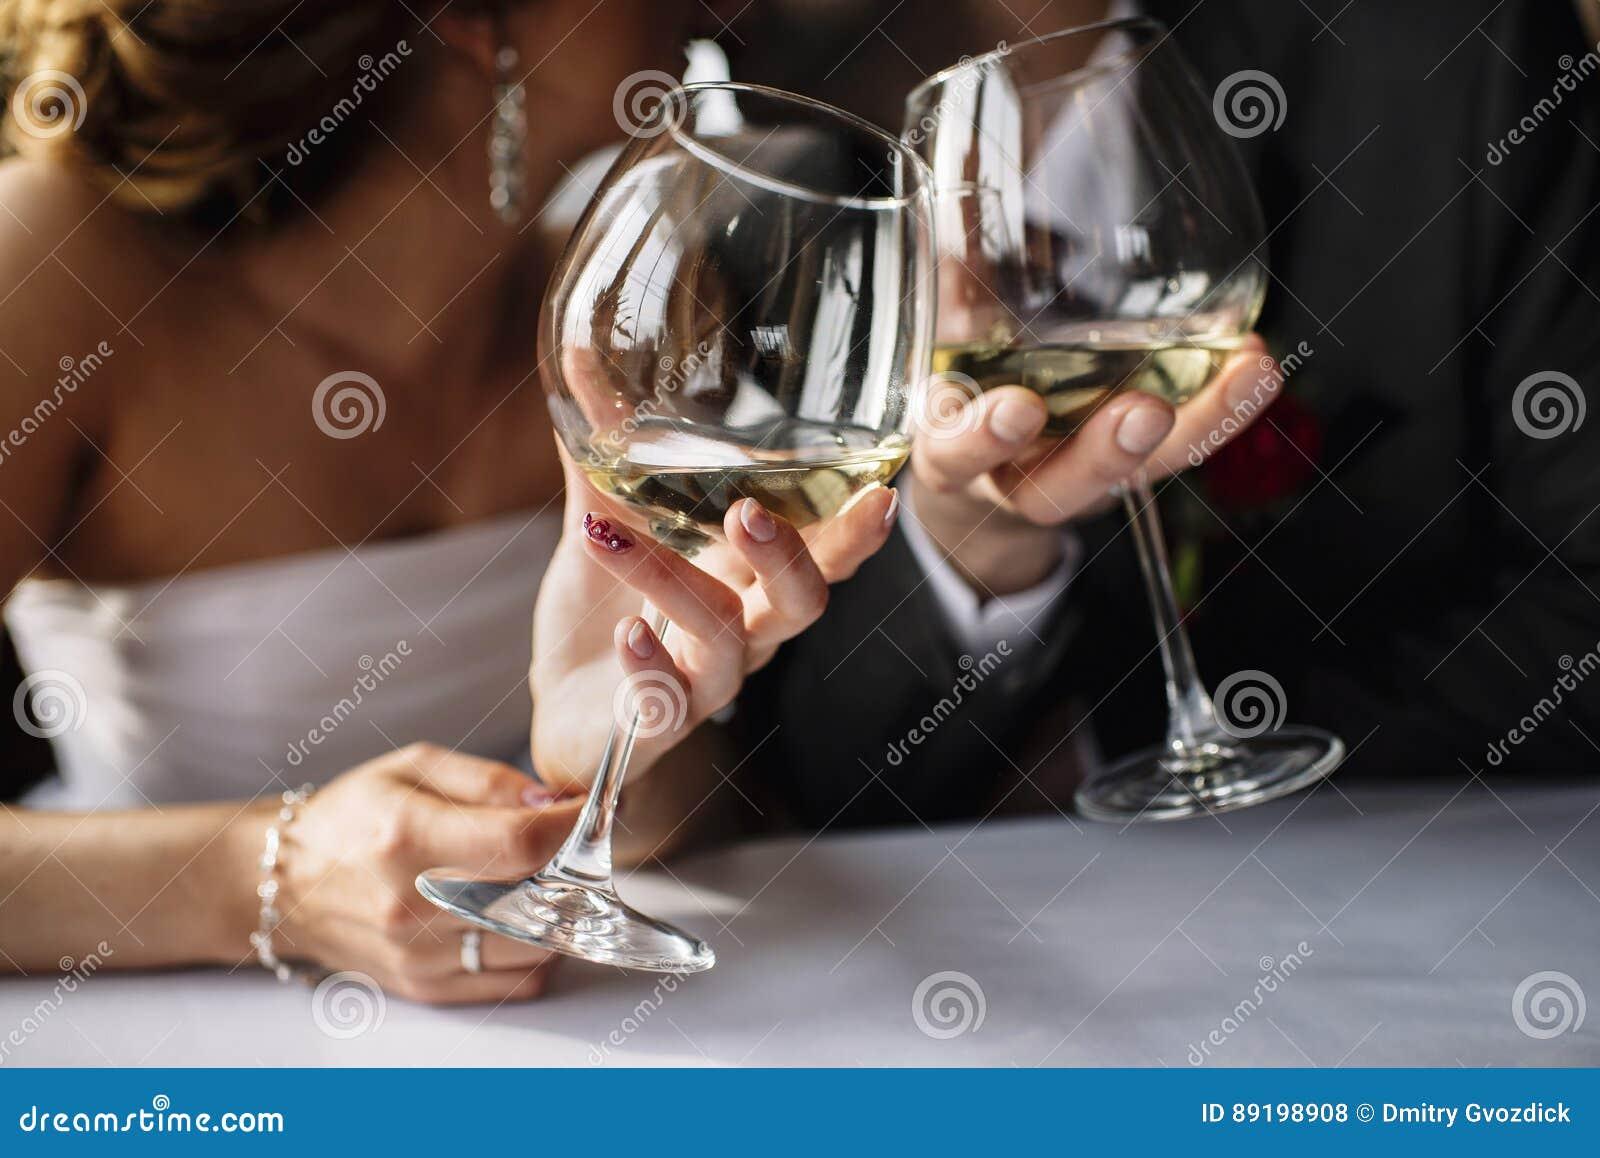 Państwo młodzi z szkłami wino w rękach